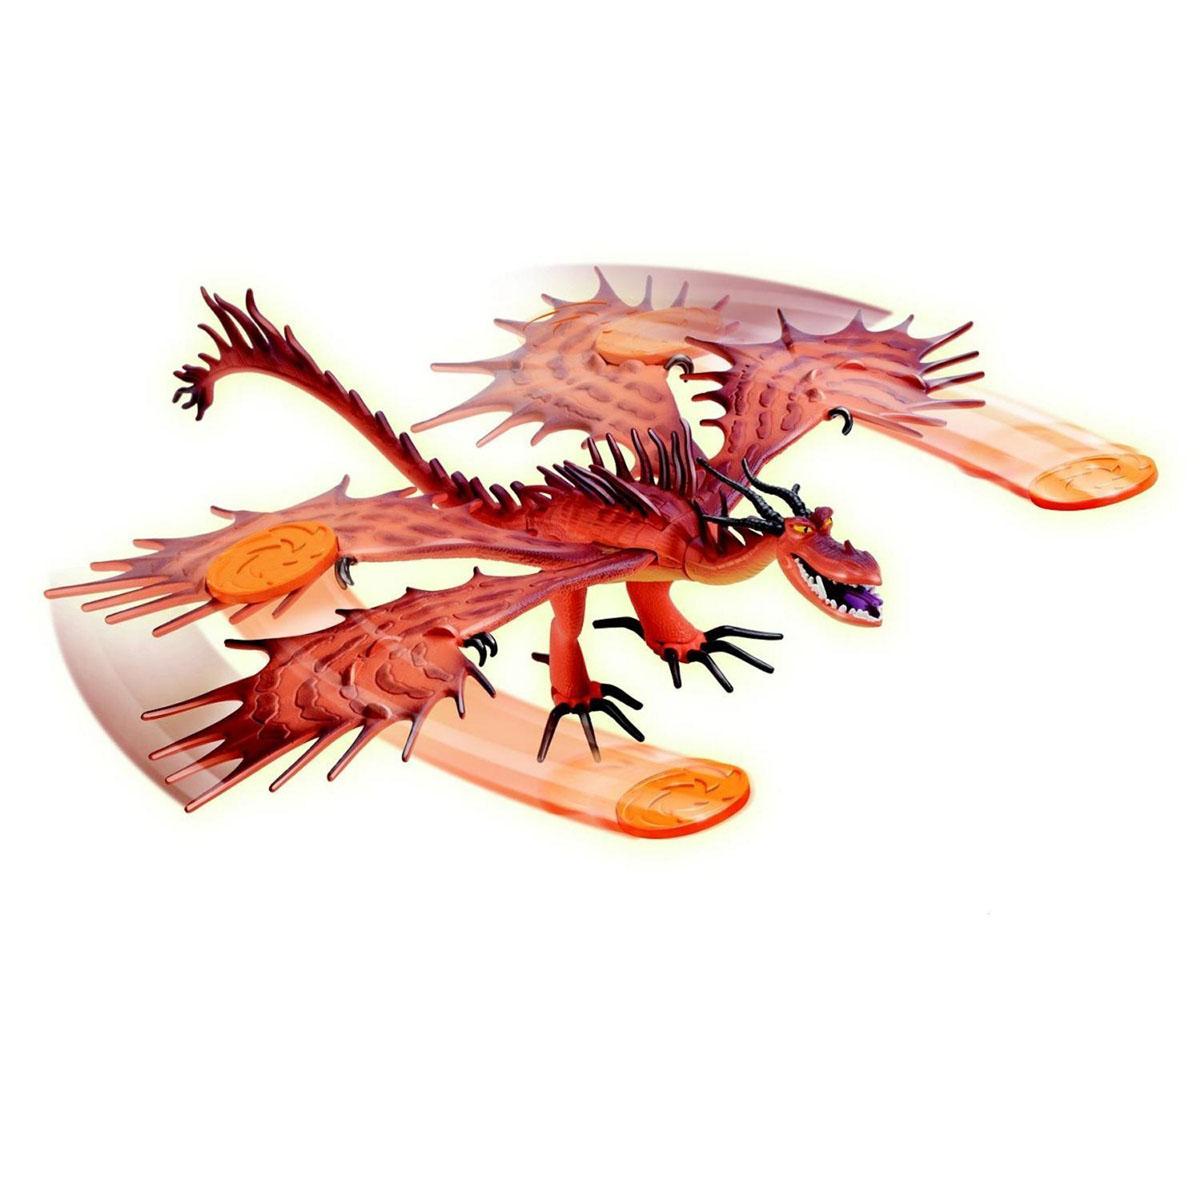 Фигурка дракона, функциональная, Dragons - Как приручить Дракона, артикул: 116109